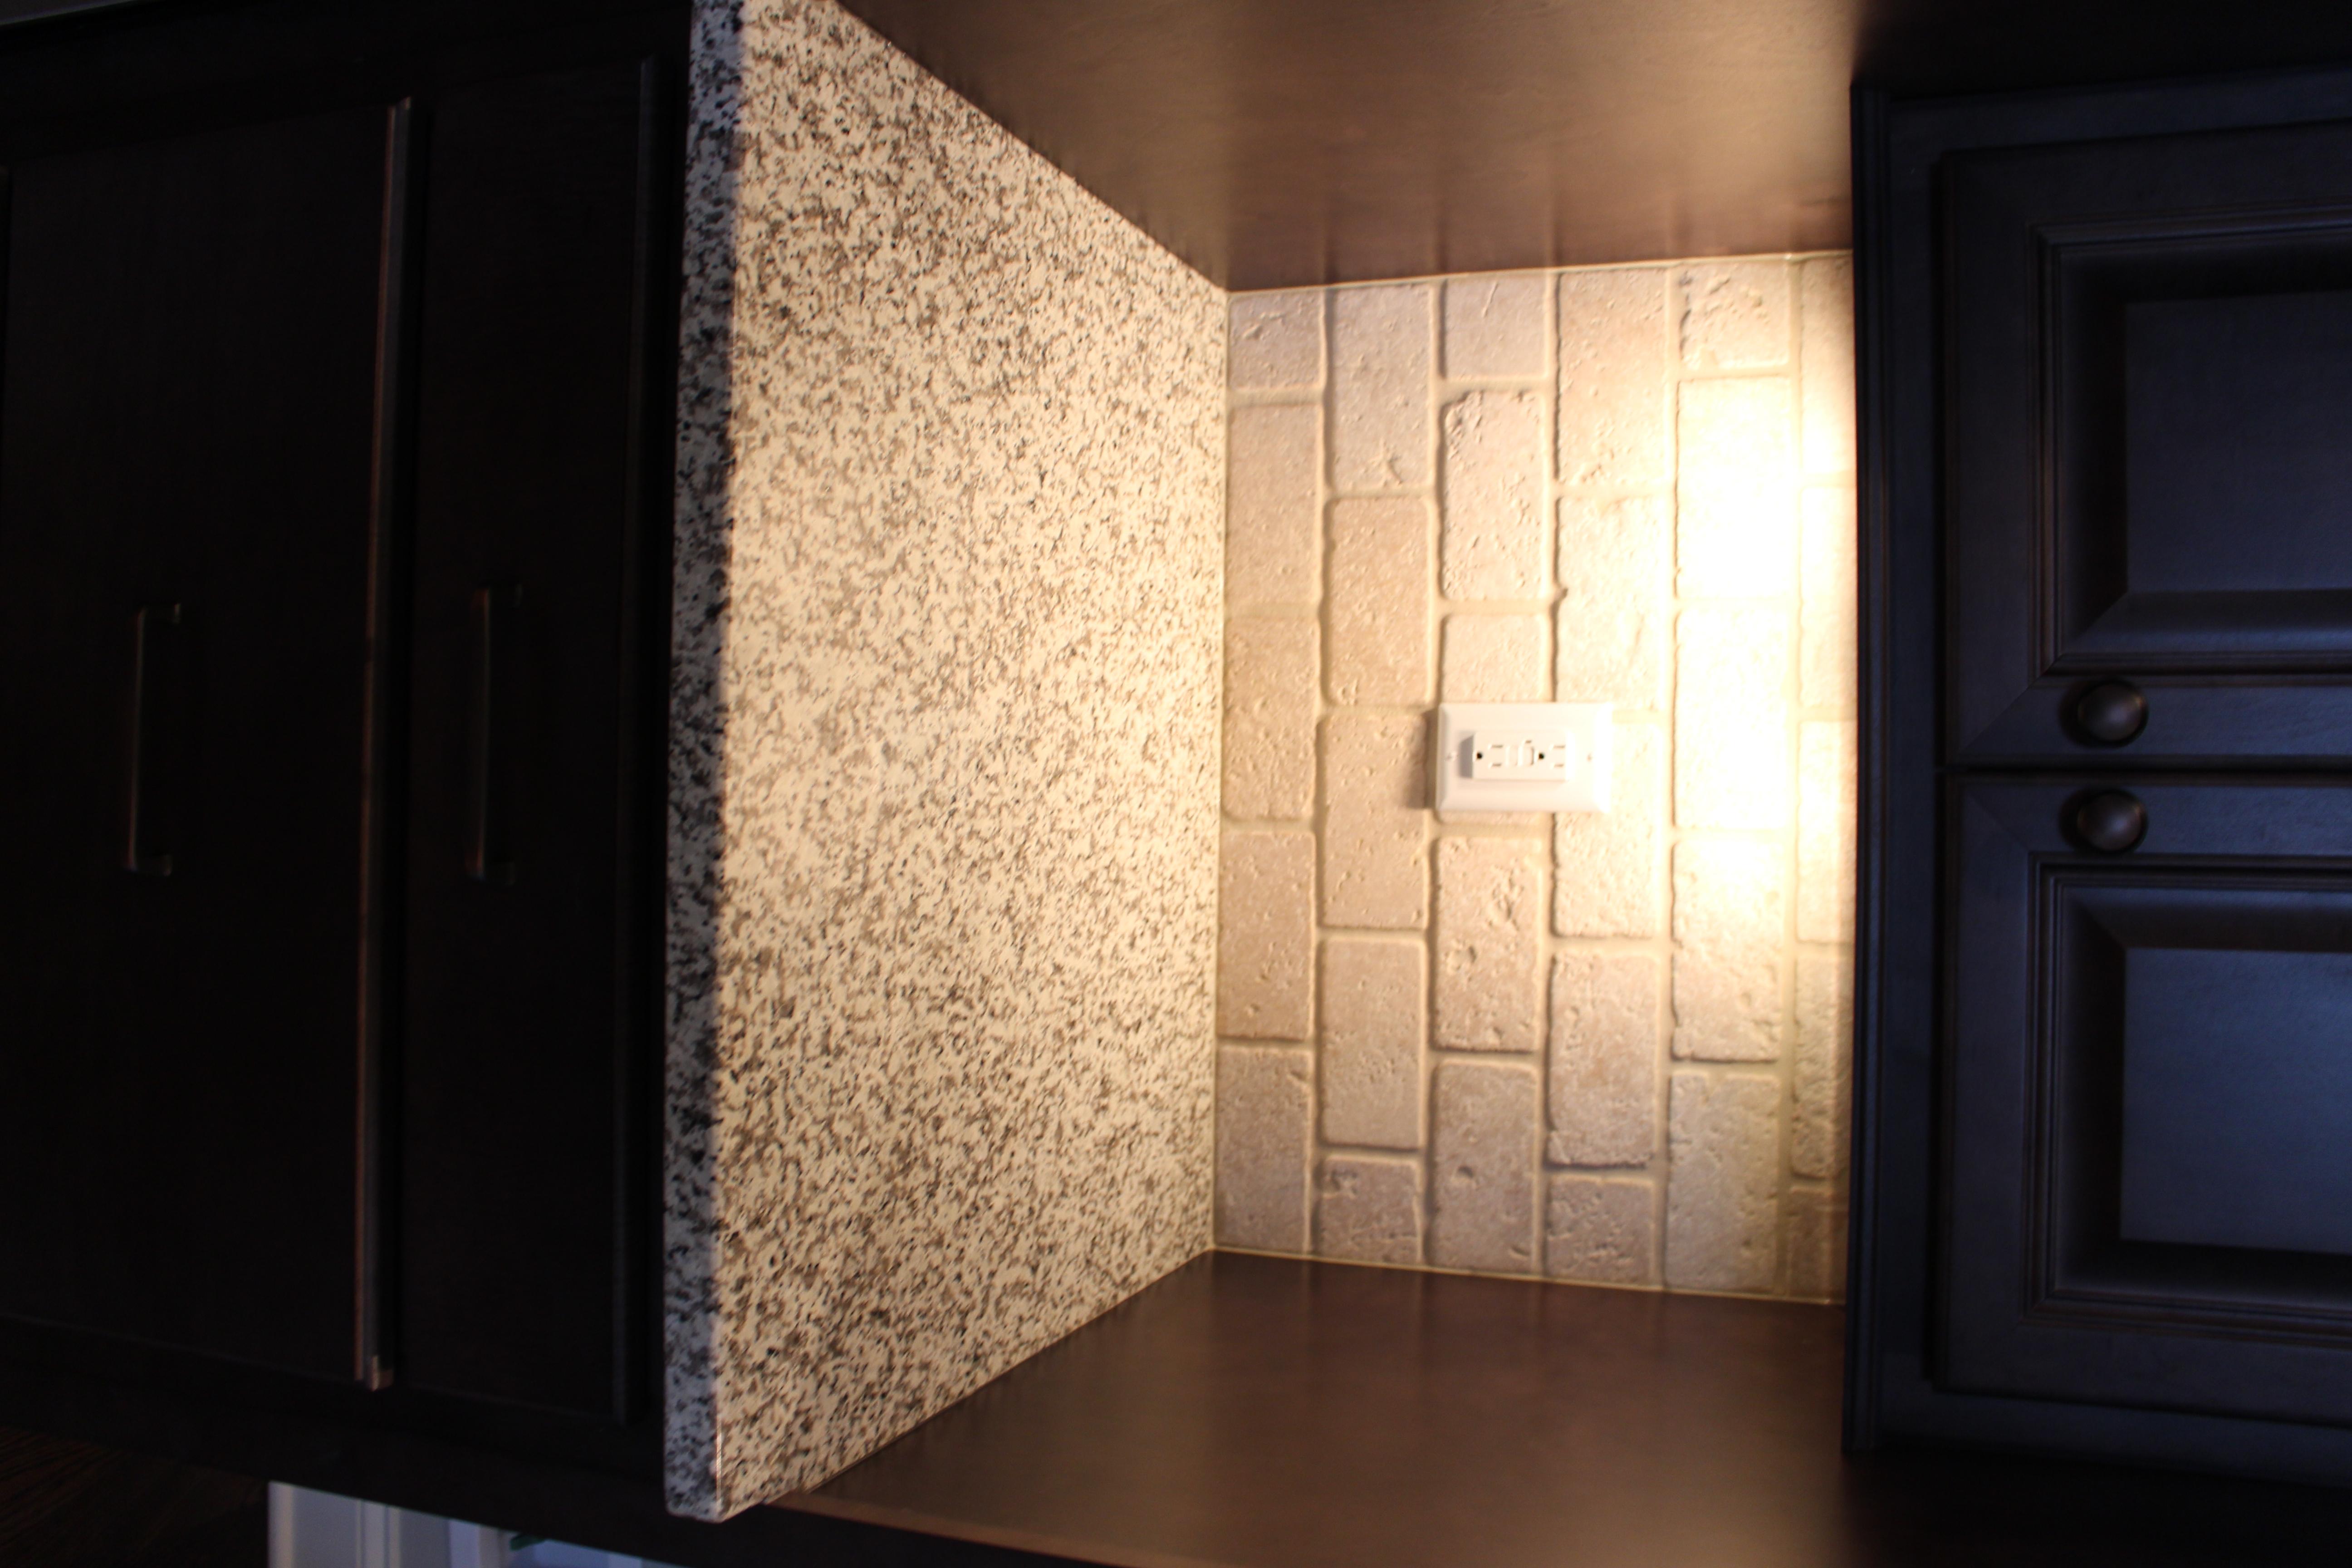 194AB kitchen granite-backsplash